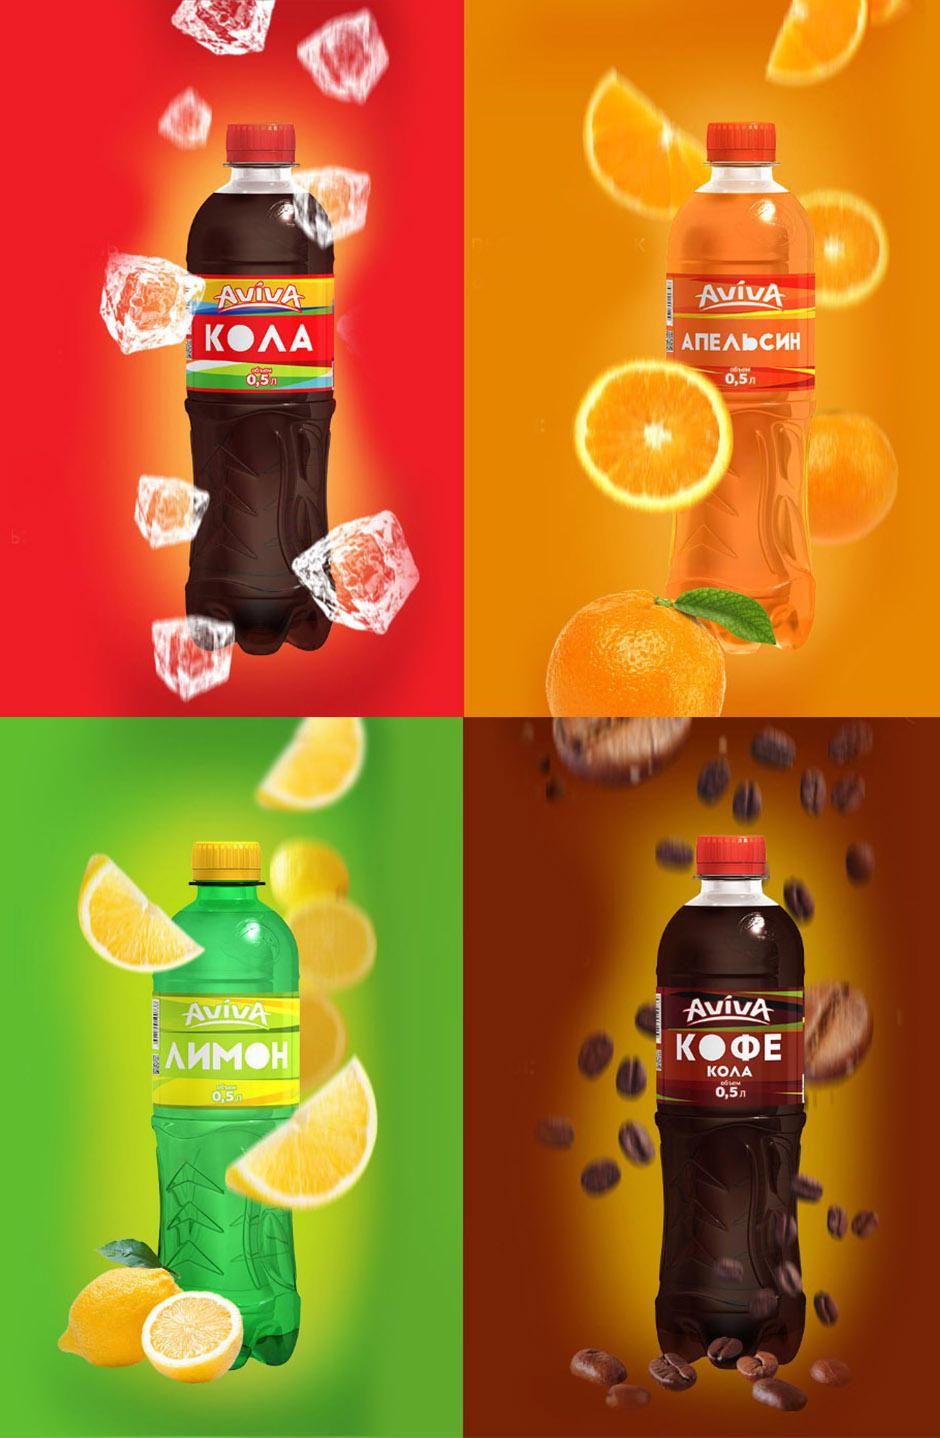 Soda label design, design этикетки для лимонада